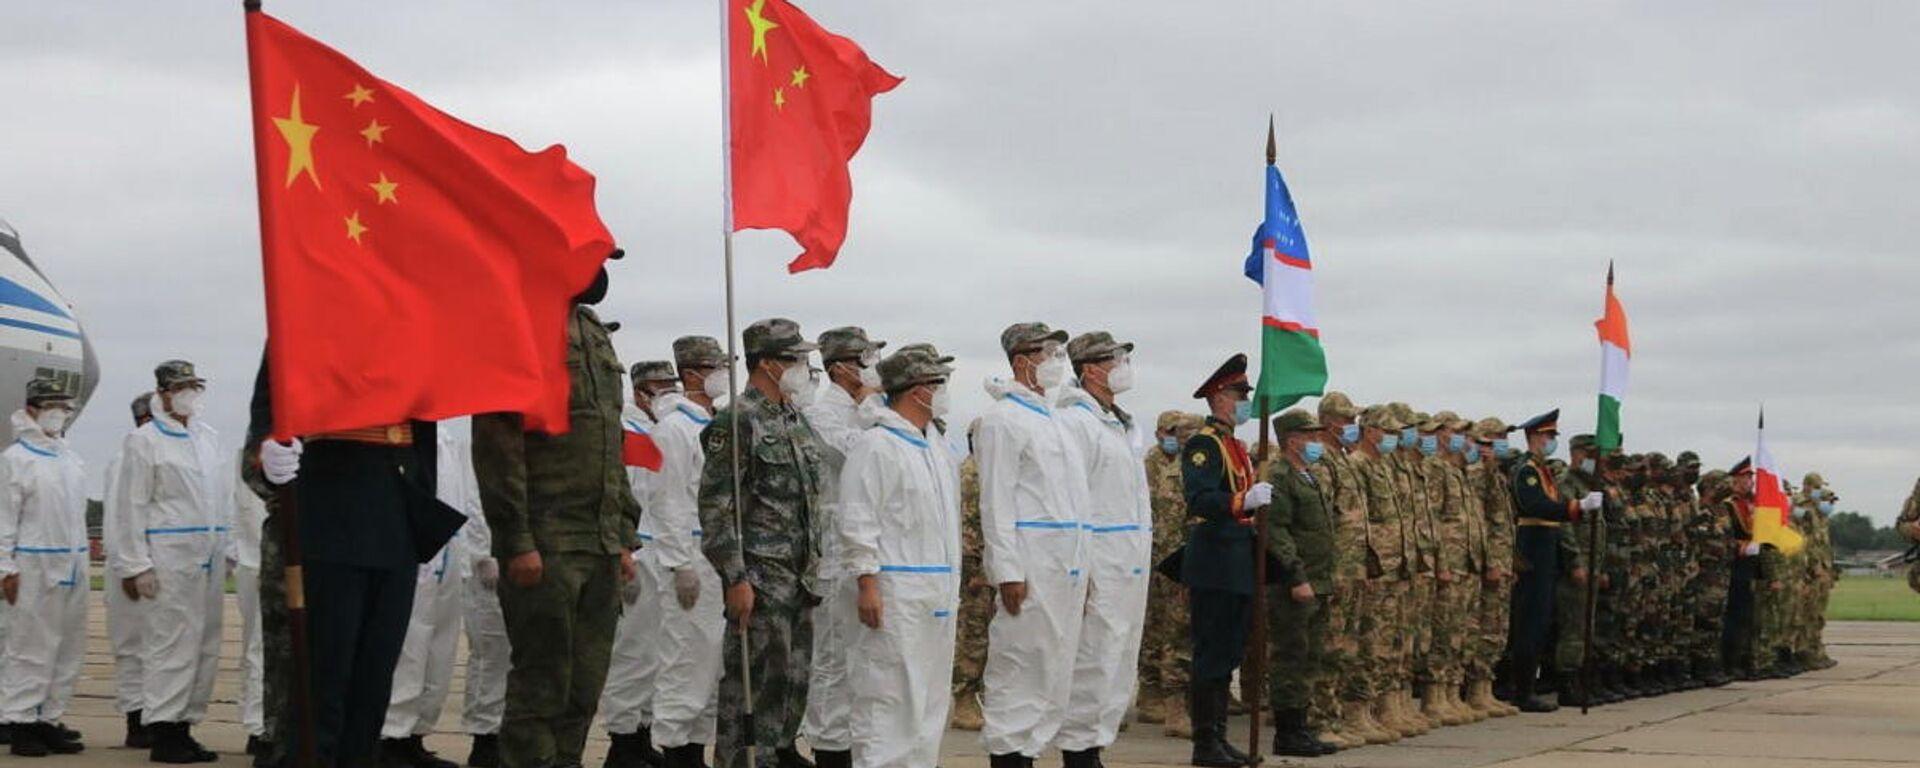 Военные Узбекистана прибыли в РФ для участия в АрМИ-2021 - Sputnik Узбекистан, 1920, 13.08.2021